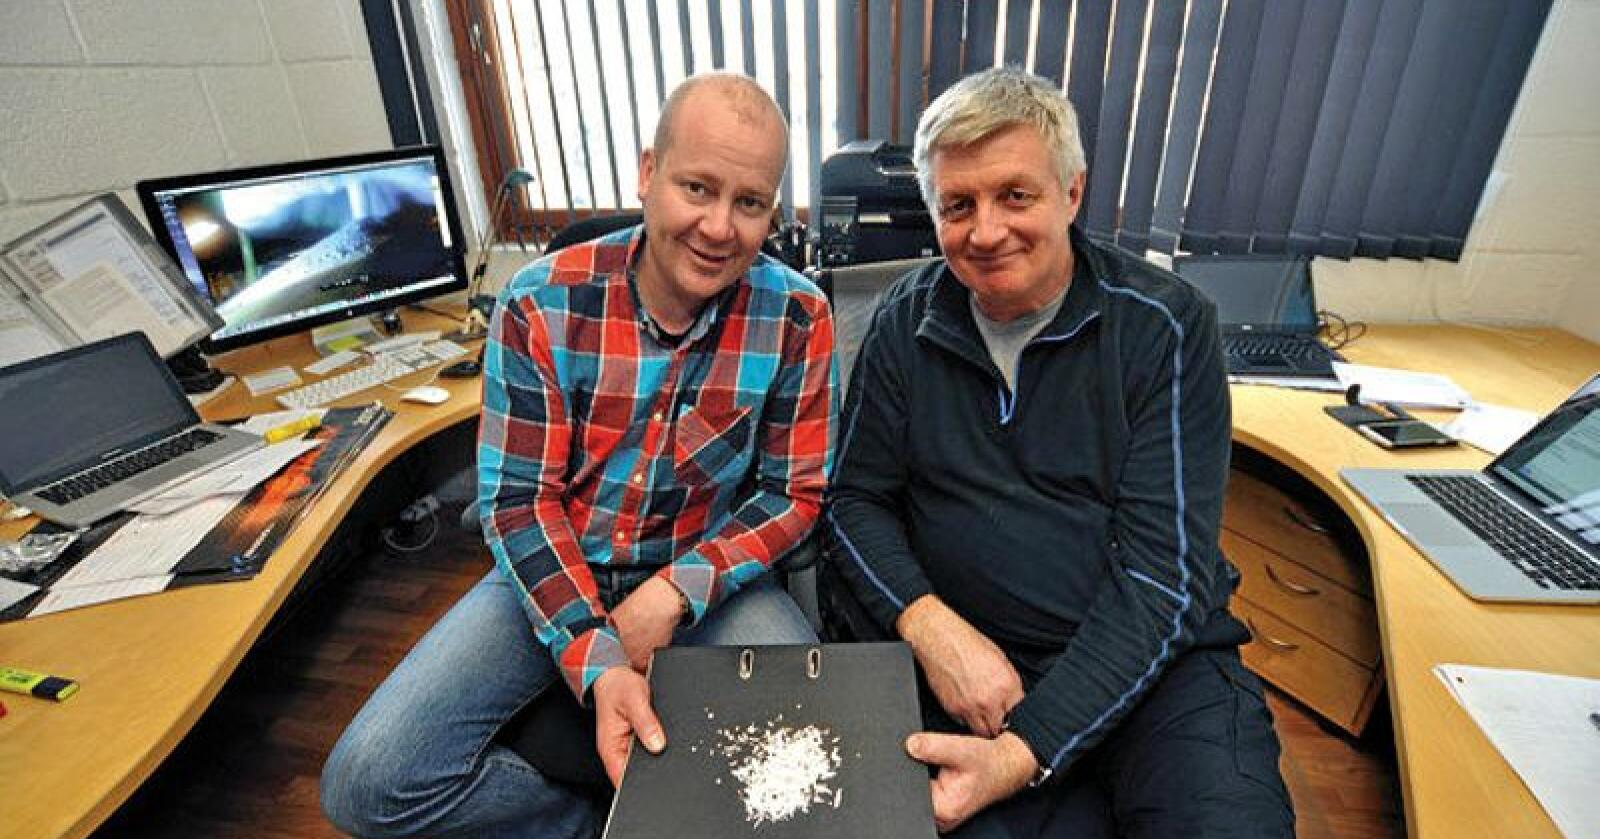 Ståle Amundsen (til venstre) og Ove Lerdahl jobber i Standard Bio. De vil skape  et klimavennlig alternativ til torv. Foto: Privat